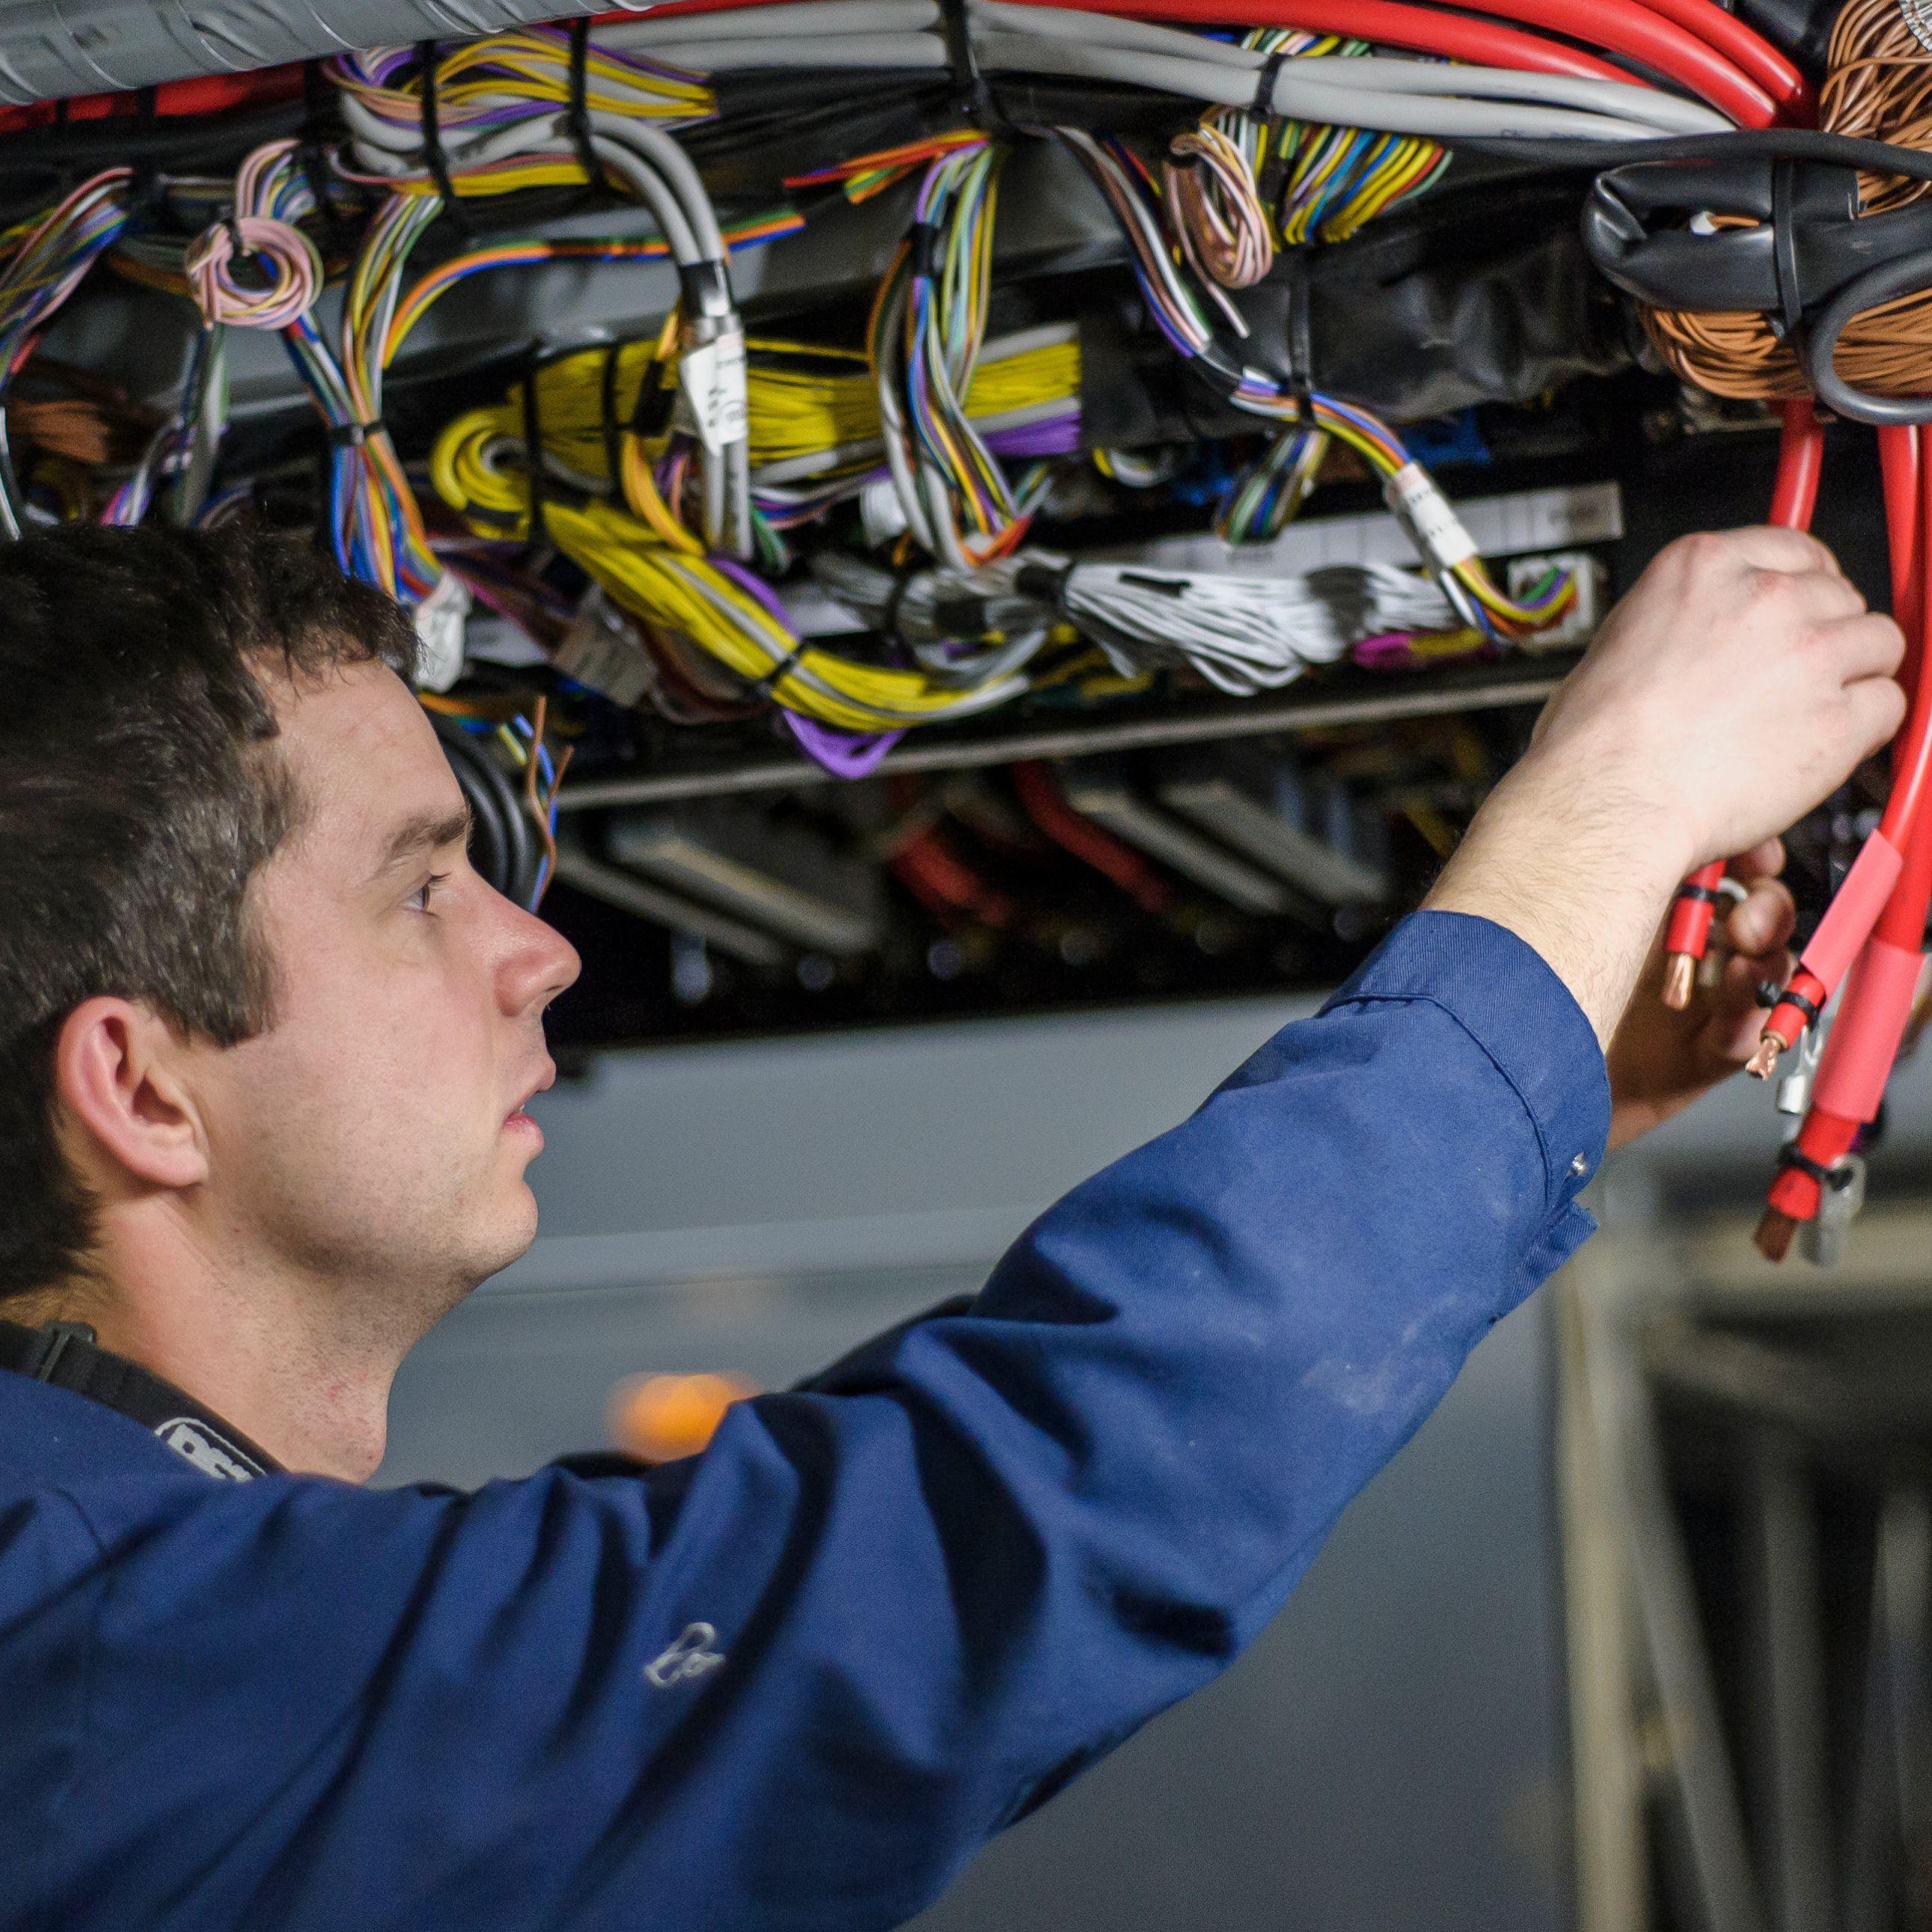 monter przewodów elektr